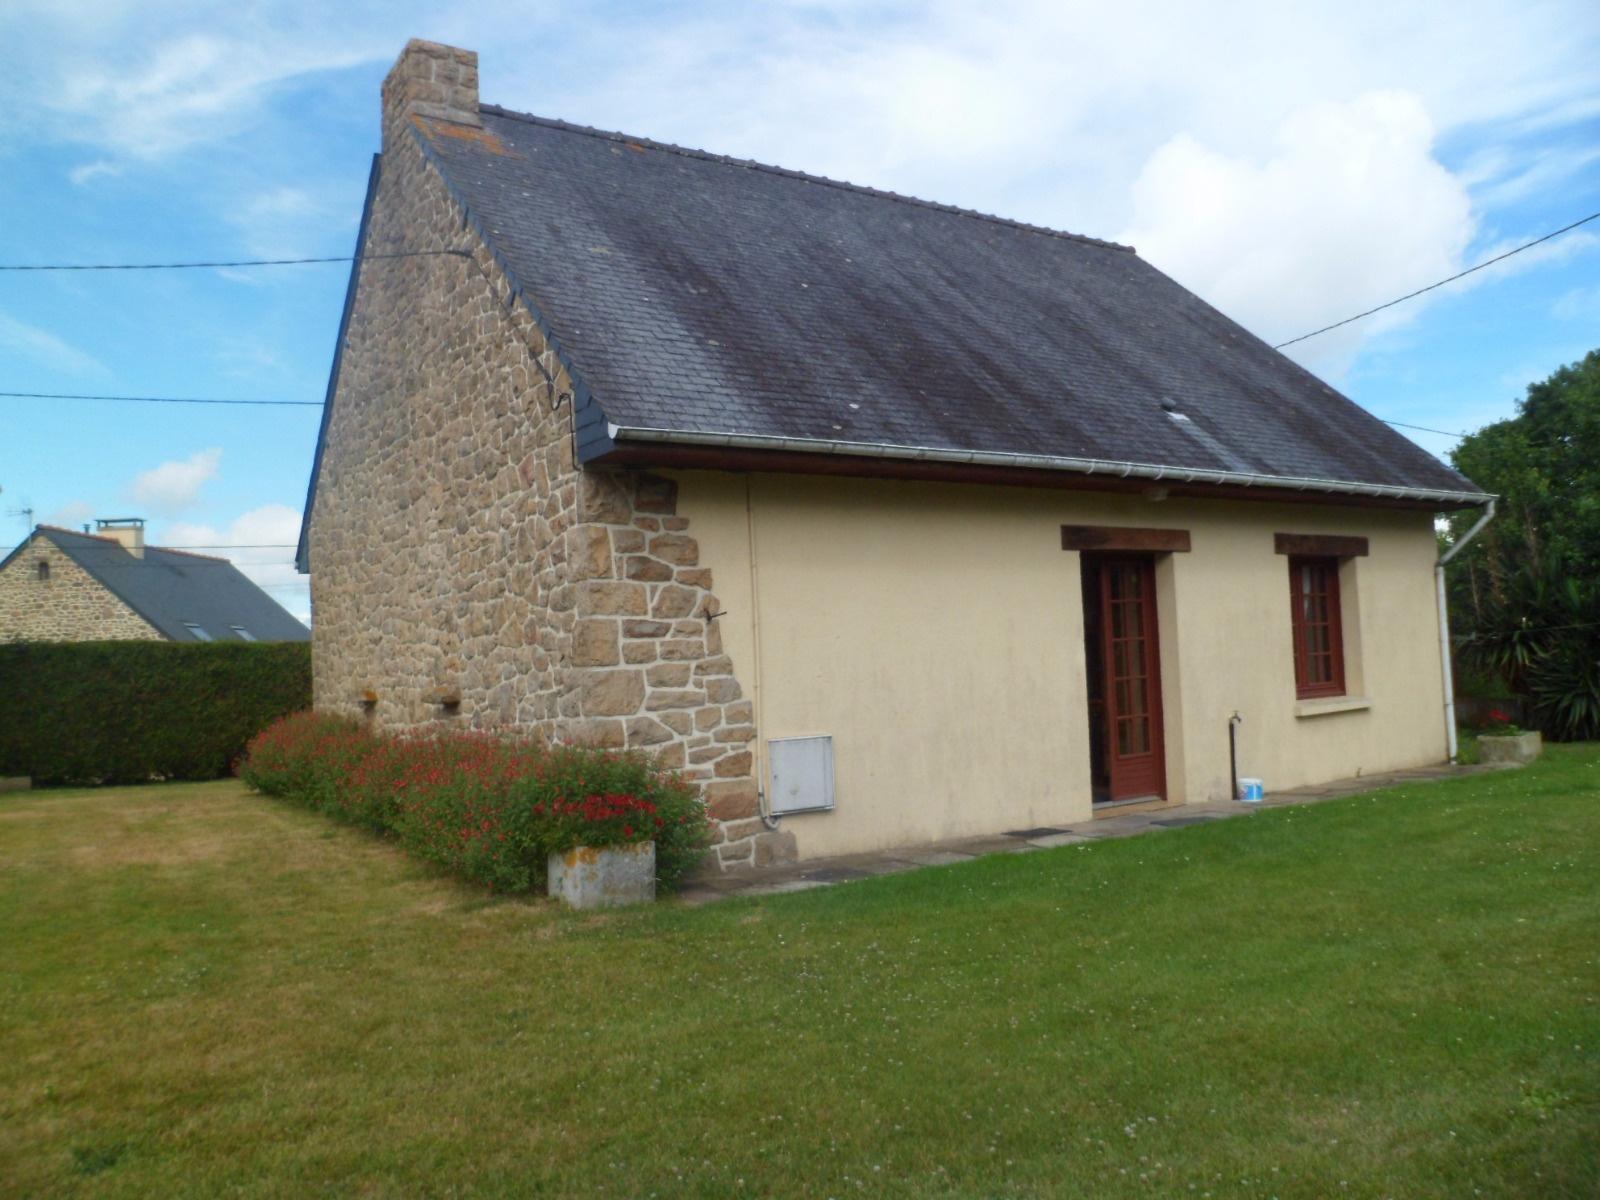 vente charmante maison en pierre de 100m2 | Nouvelle Demeure